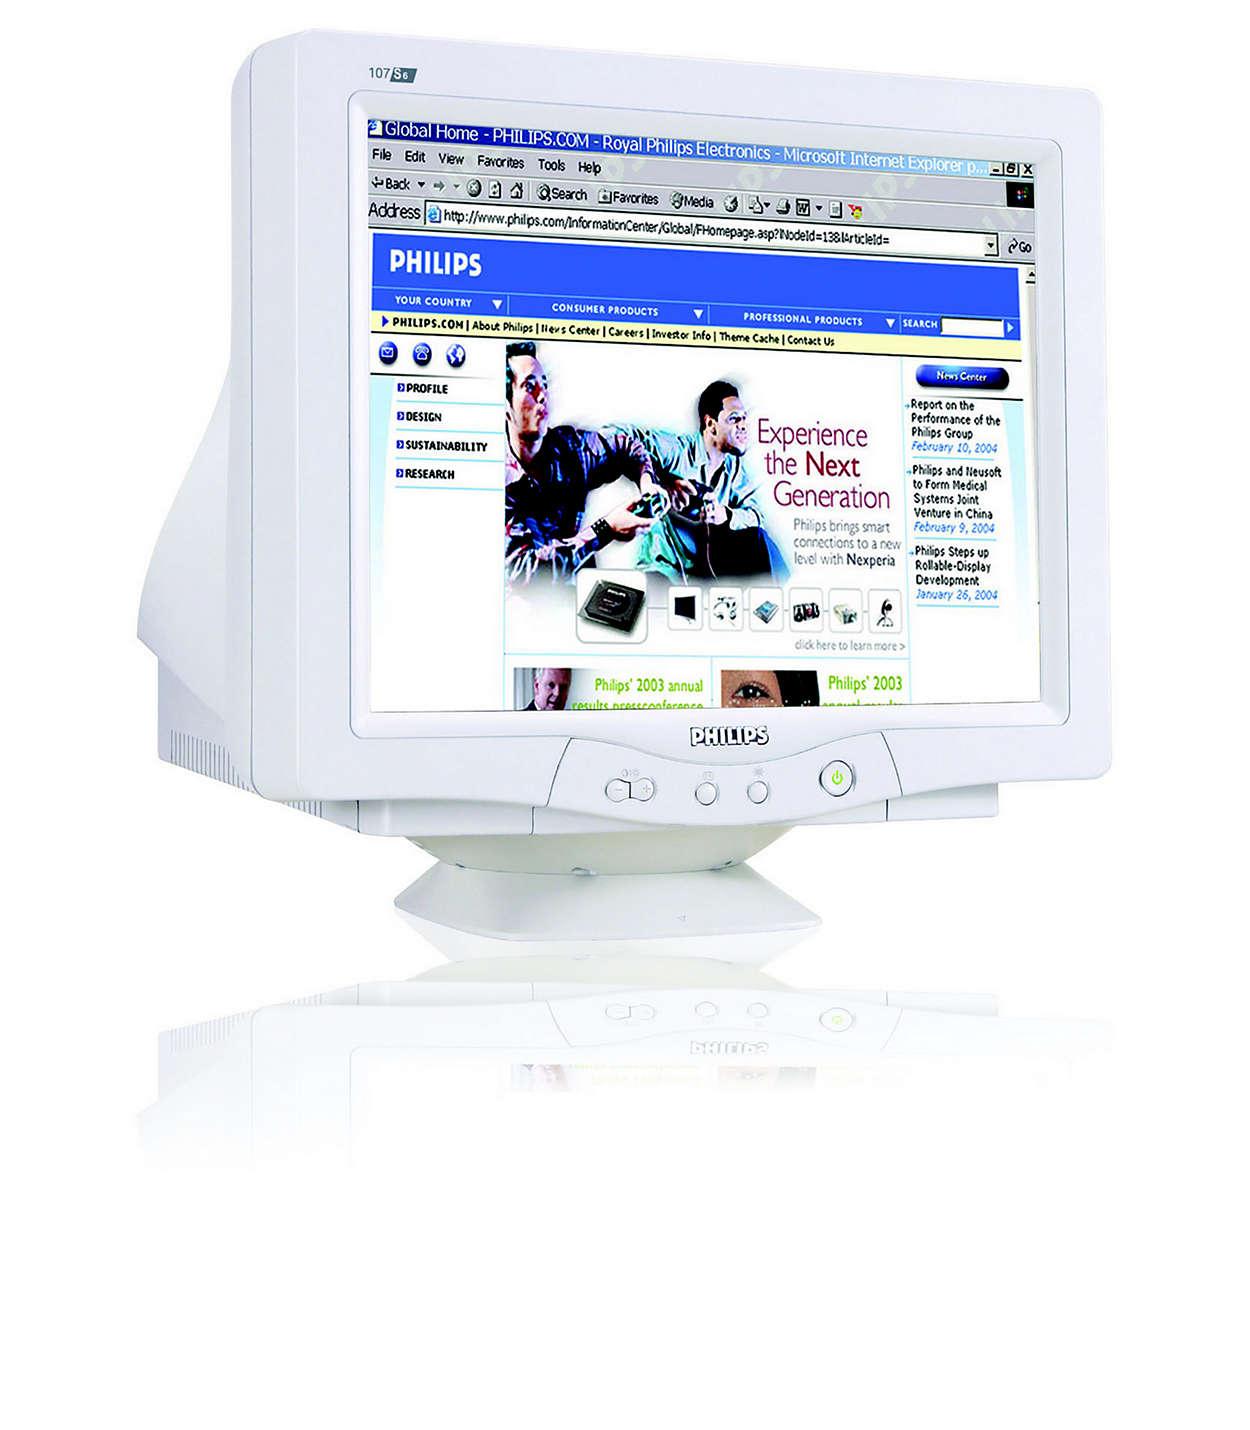 CRT digitalizado, design isento de chumbo e valioso